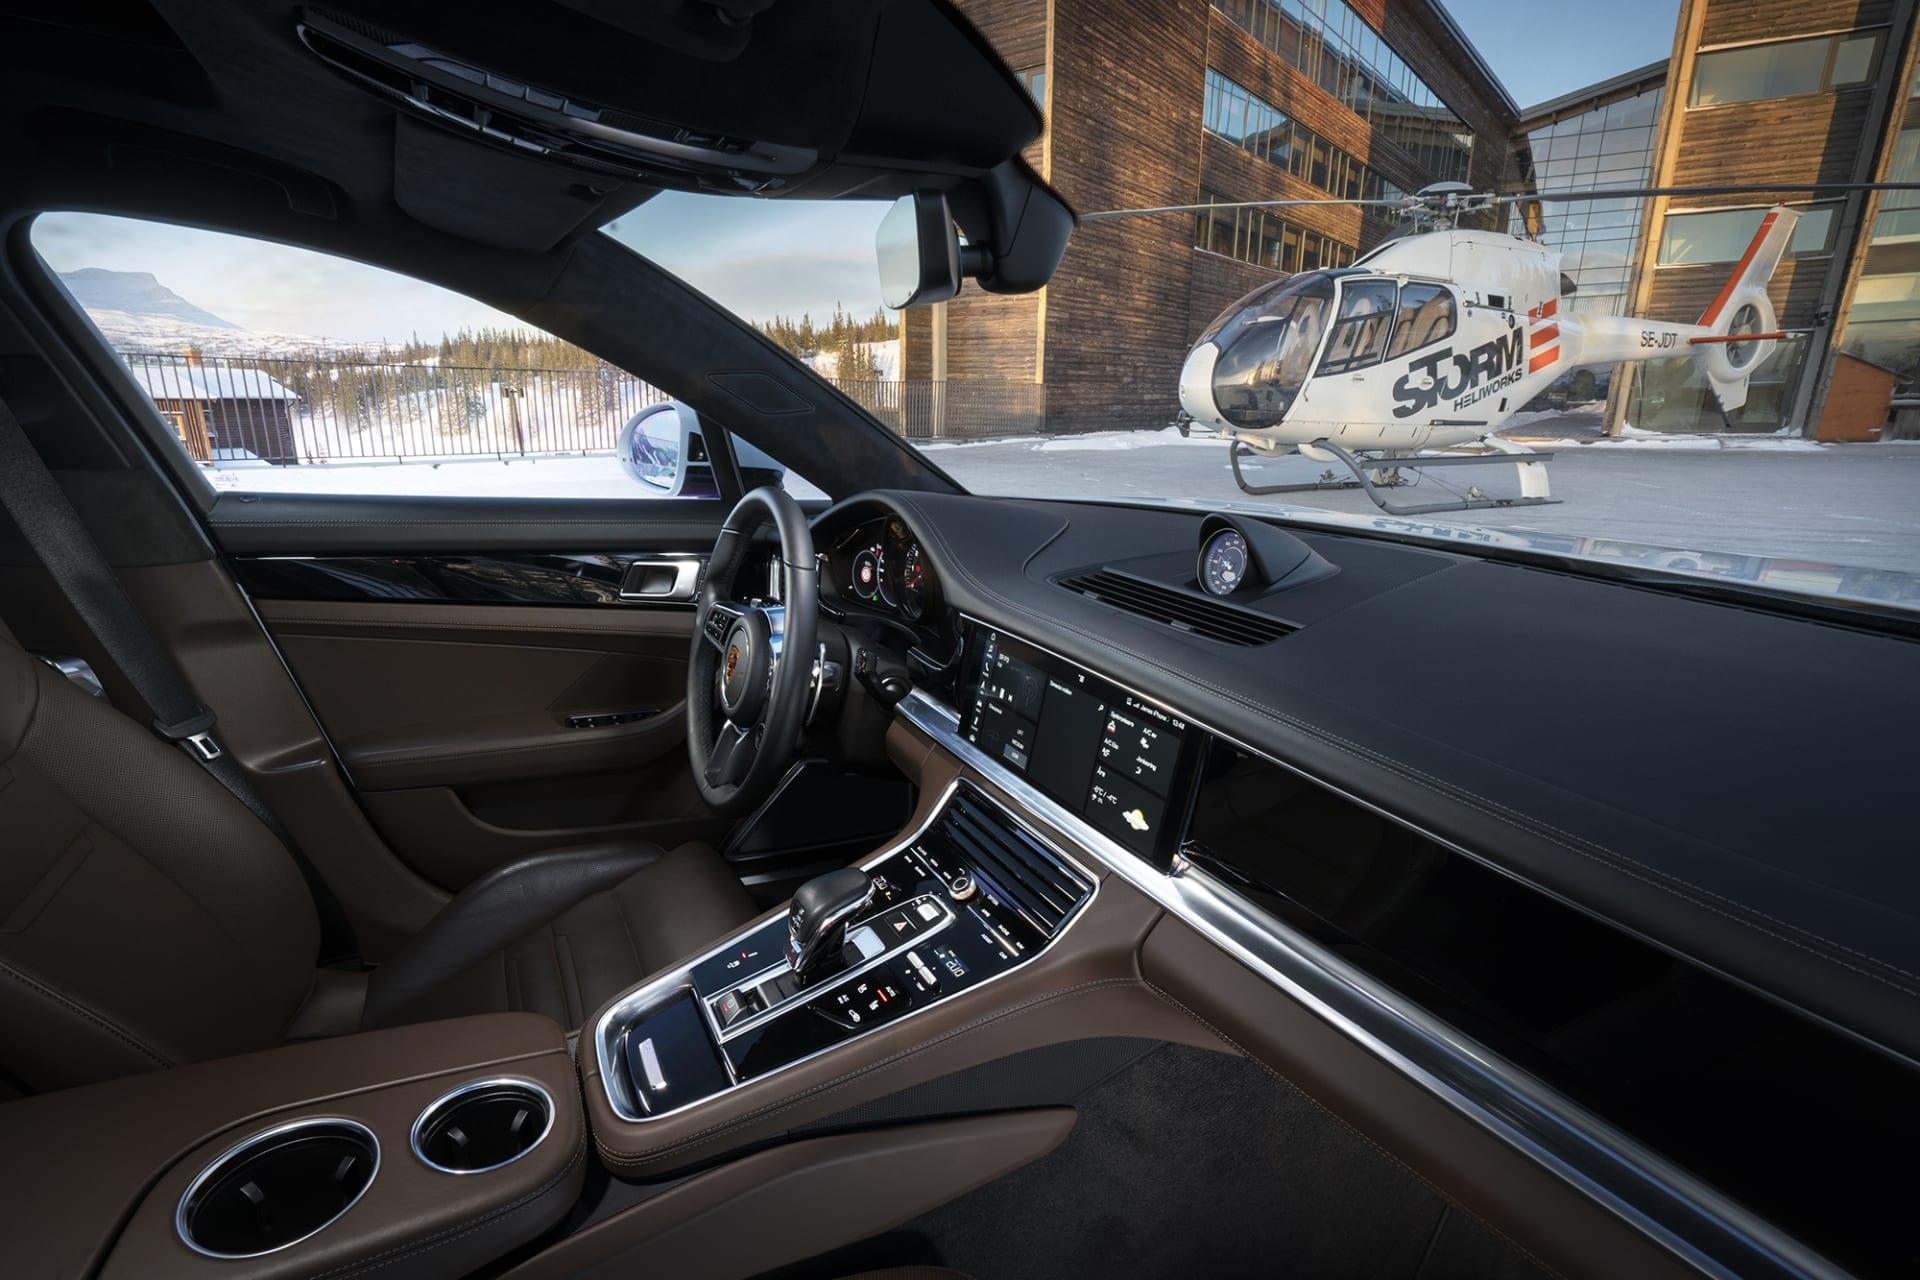 Sobert och rent med enkla och tidlösa linjer. Porsche vet hur man gör för att du ska känna dig bekväm bakom ratten.